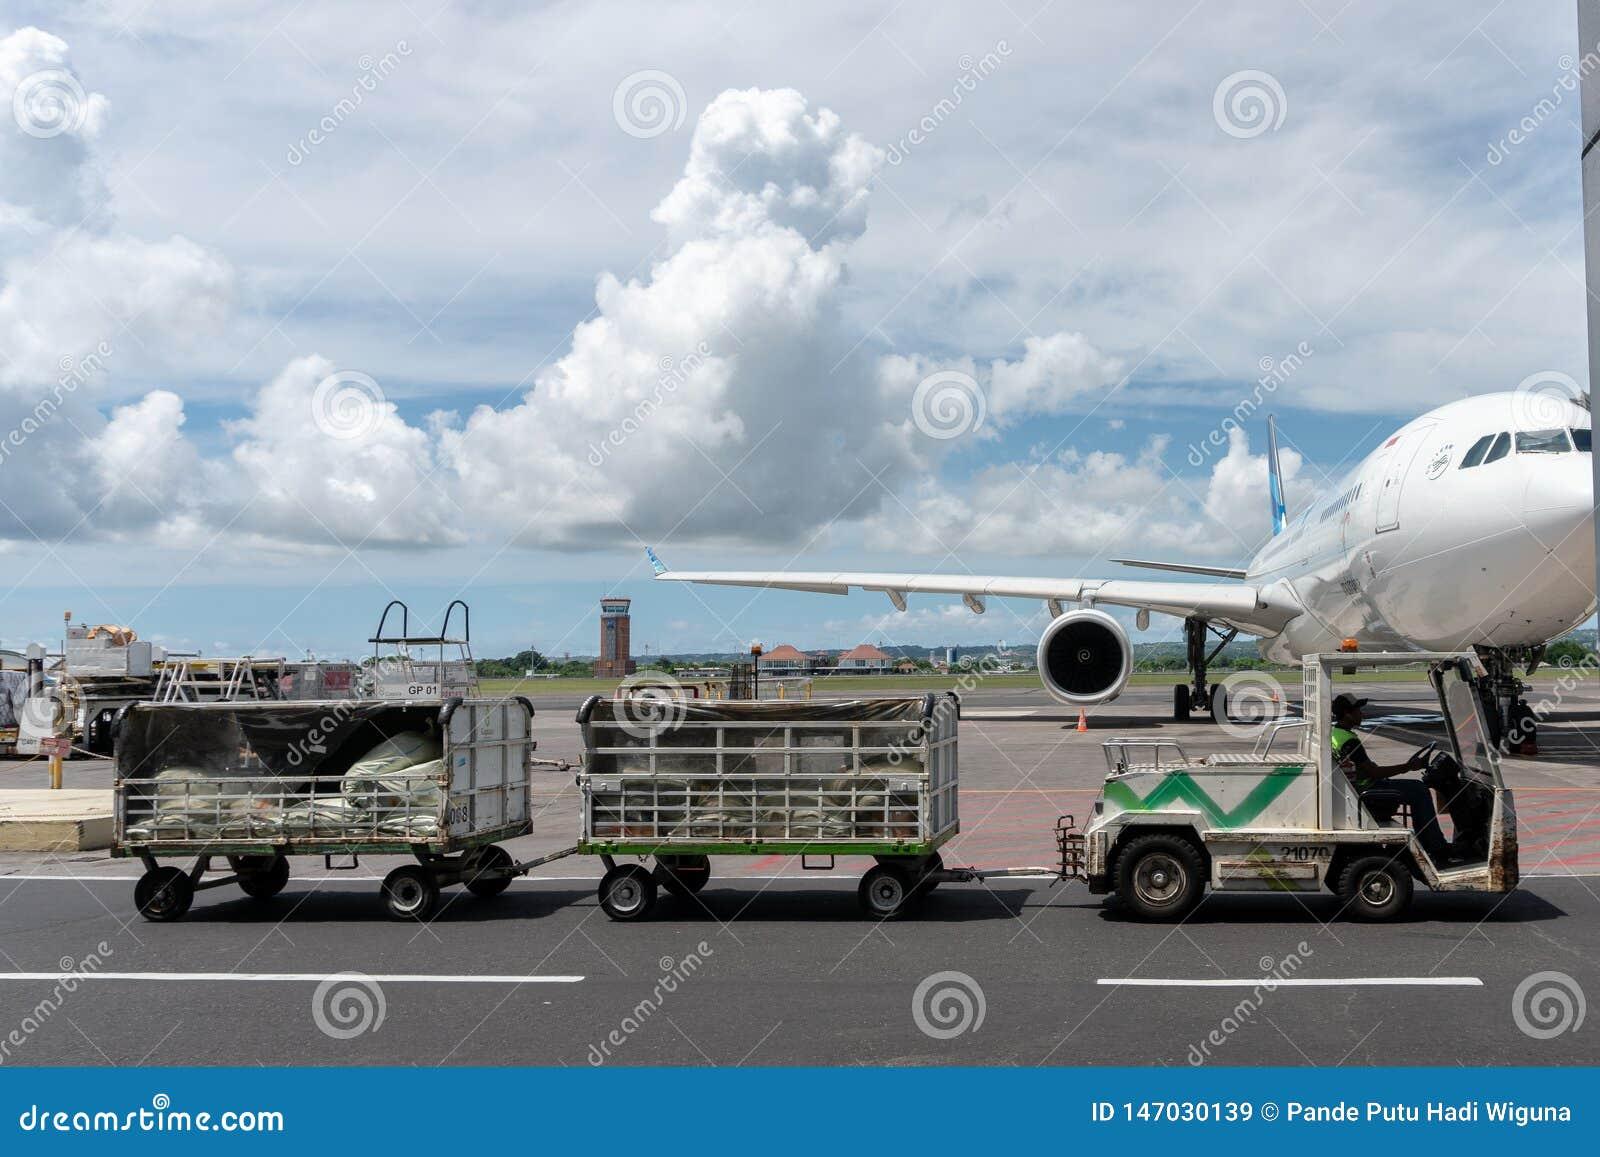 BALI/INDONESIA- 27 DE MARÇO DE 2019: Os veículos do aeroporto puxarem a bagagem dos passageiros para o terminal da chegada quando